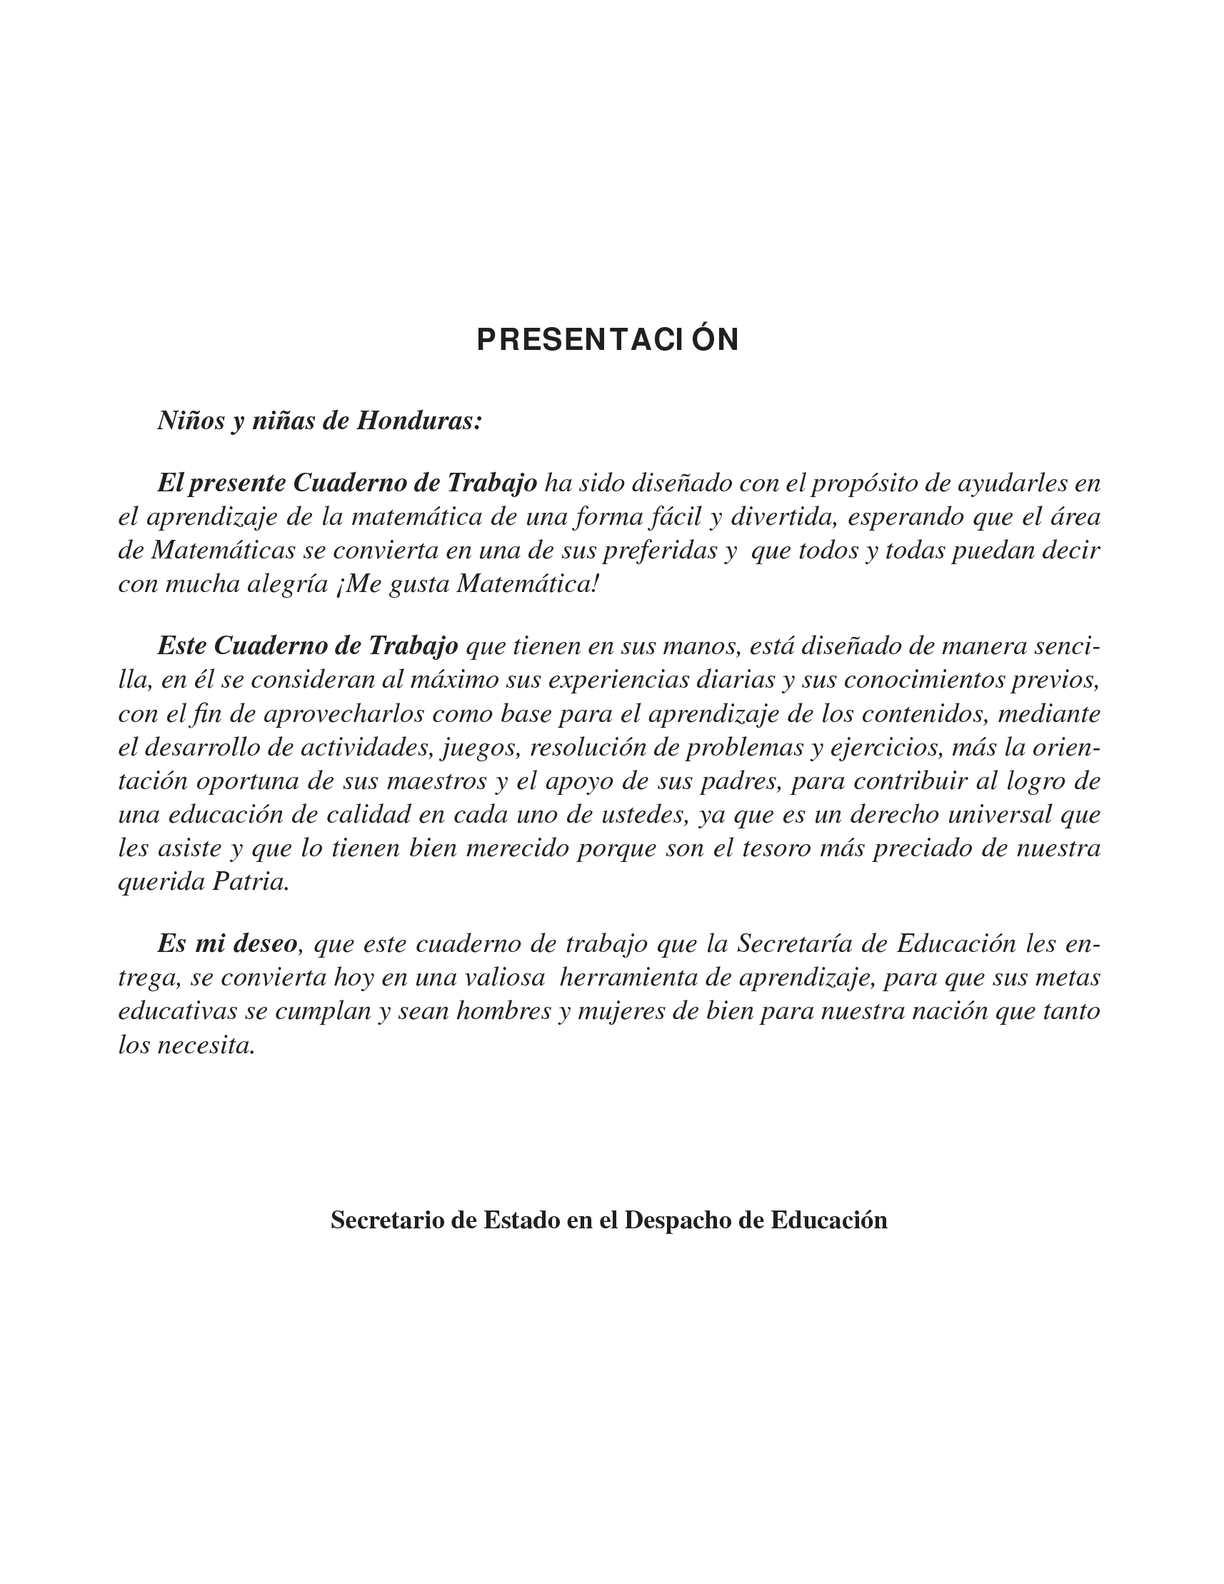 5to Grado - Cuaderno de Trabajo - Matematicas - CALAMEO Downloader